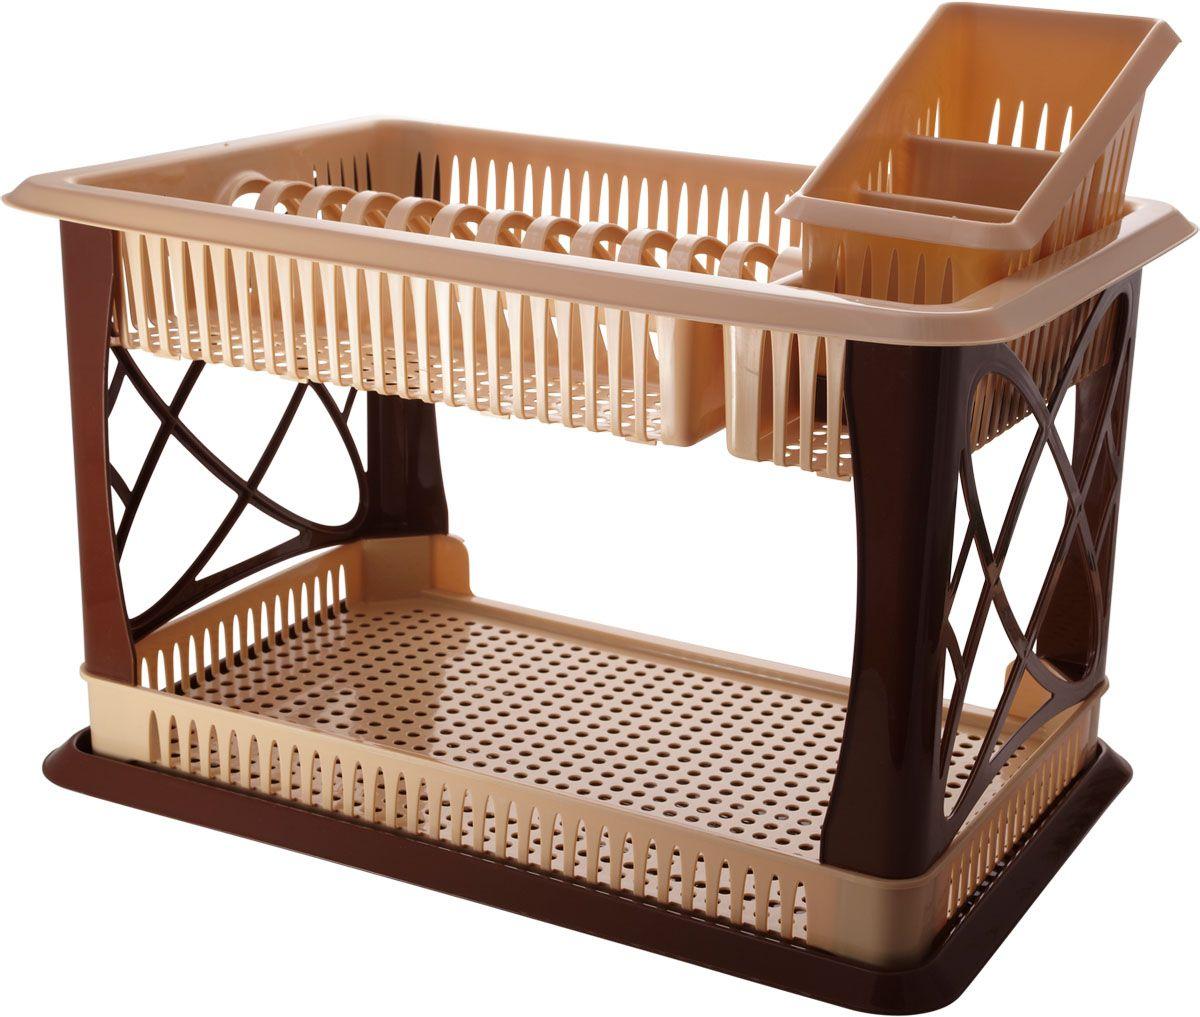 """Уникальная двухъярусная сушилка Plastic Centre """"Лилия""""  позволит сушить или хранить большое количество  посуды. Благодаря двухъярусной конструкции она сэкономит  полезную площадь на столе или в шкафу. В комплект входит  сушилка для столовых приборов с тремя секциями. Нижний  ярус предназначен для кружек, а верхний - для тарелок.   Размер сушилки (ДхШхВ): 47 х 30 х 31 см. Размер сушилки для столовых приборов: 19 х 12 х 16 см."""